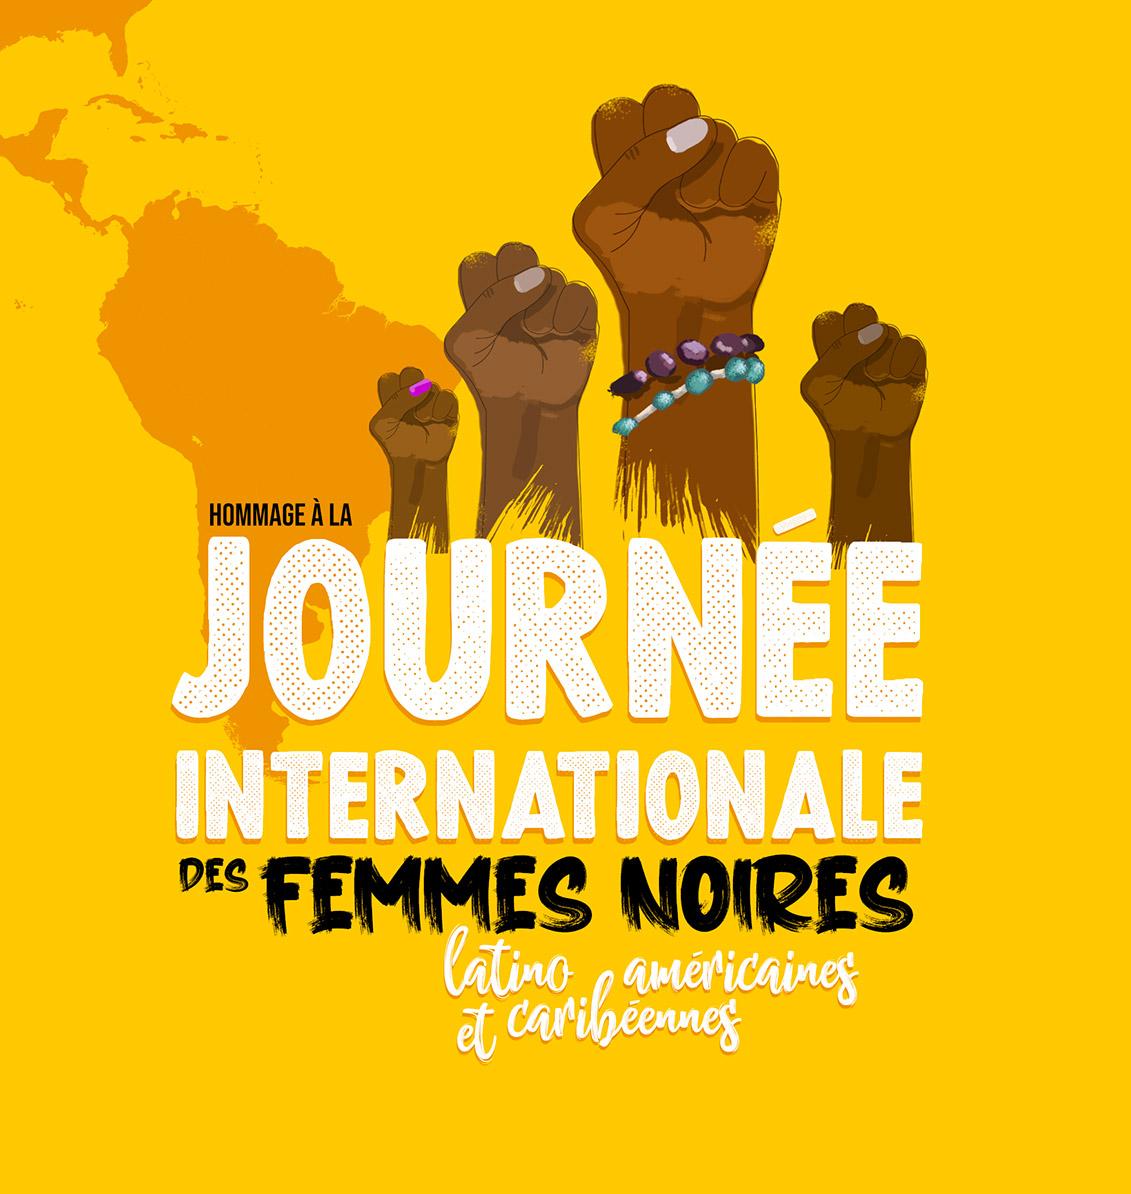 25 juillet – Journée internationale des femmes noires d'Amérique latine et des Caraïbes